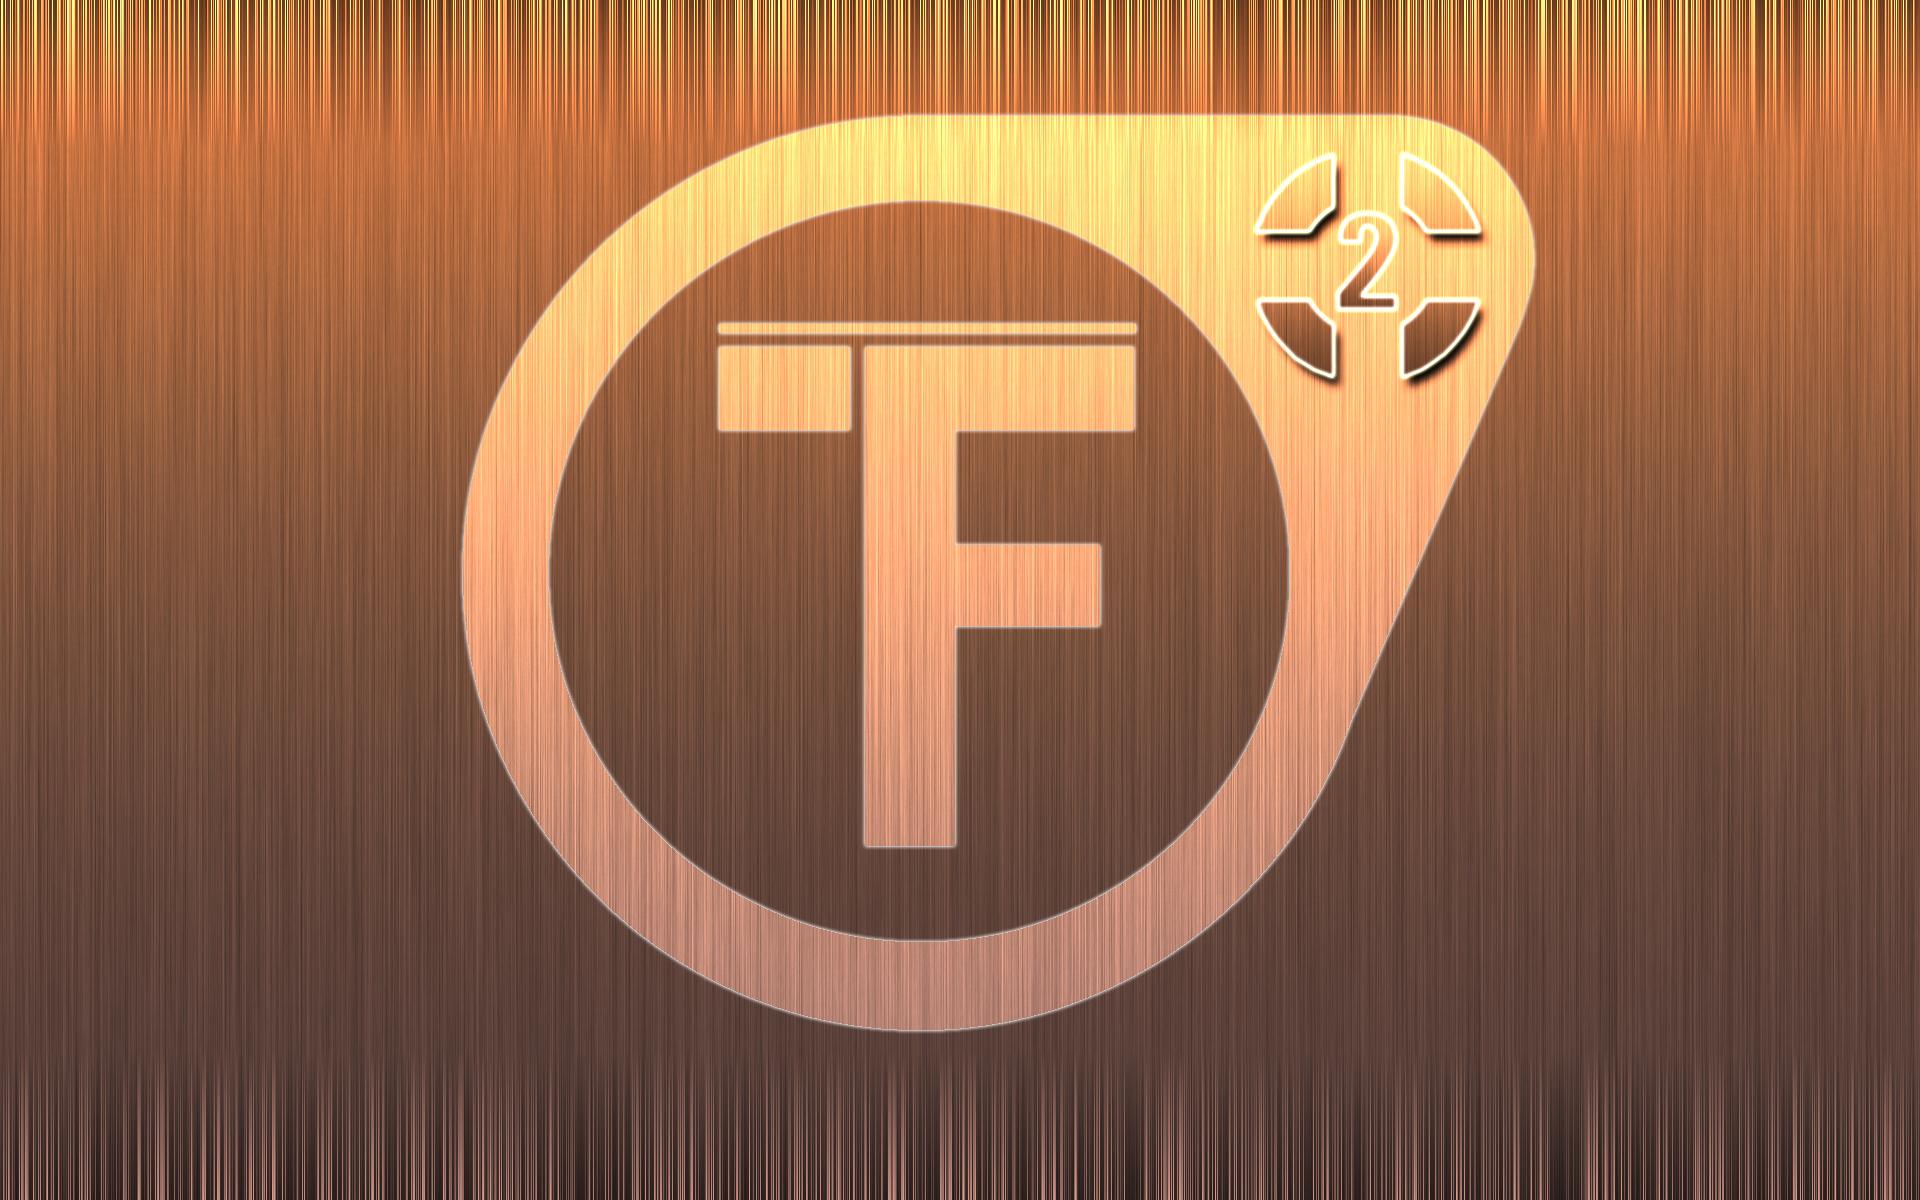 Поздравление, картинки логотипы игр